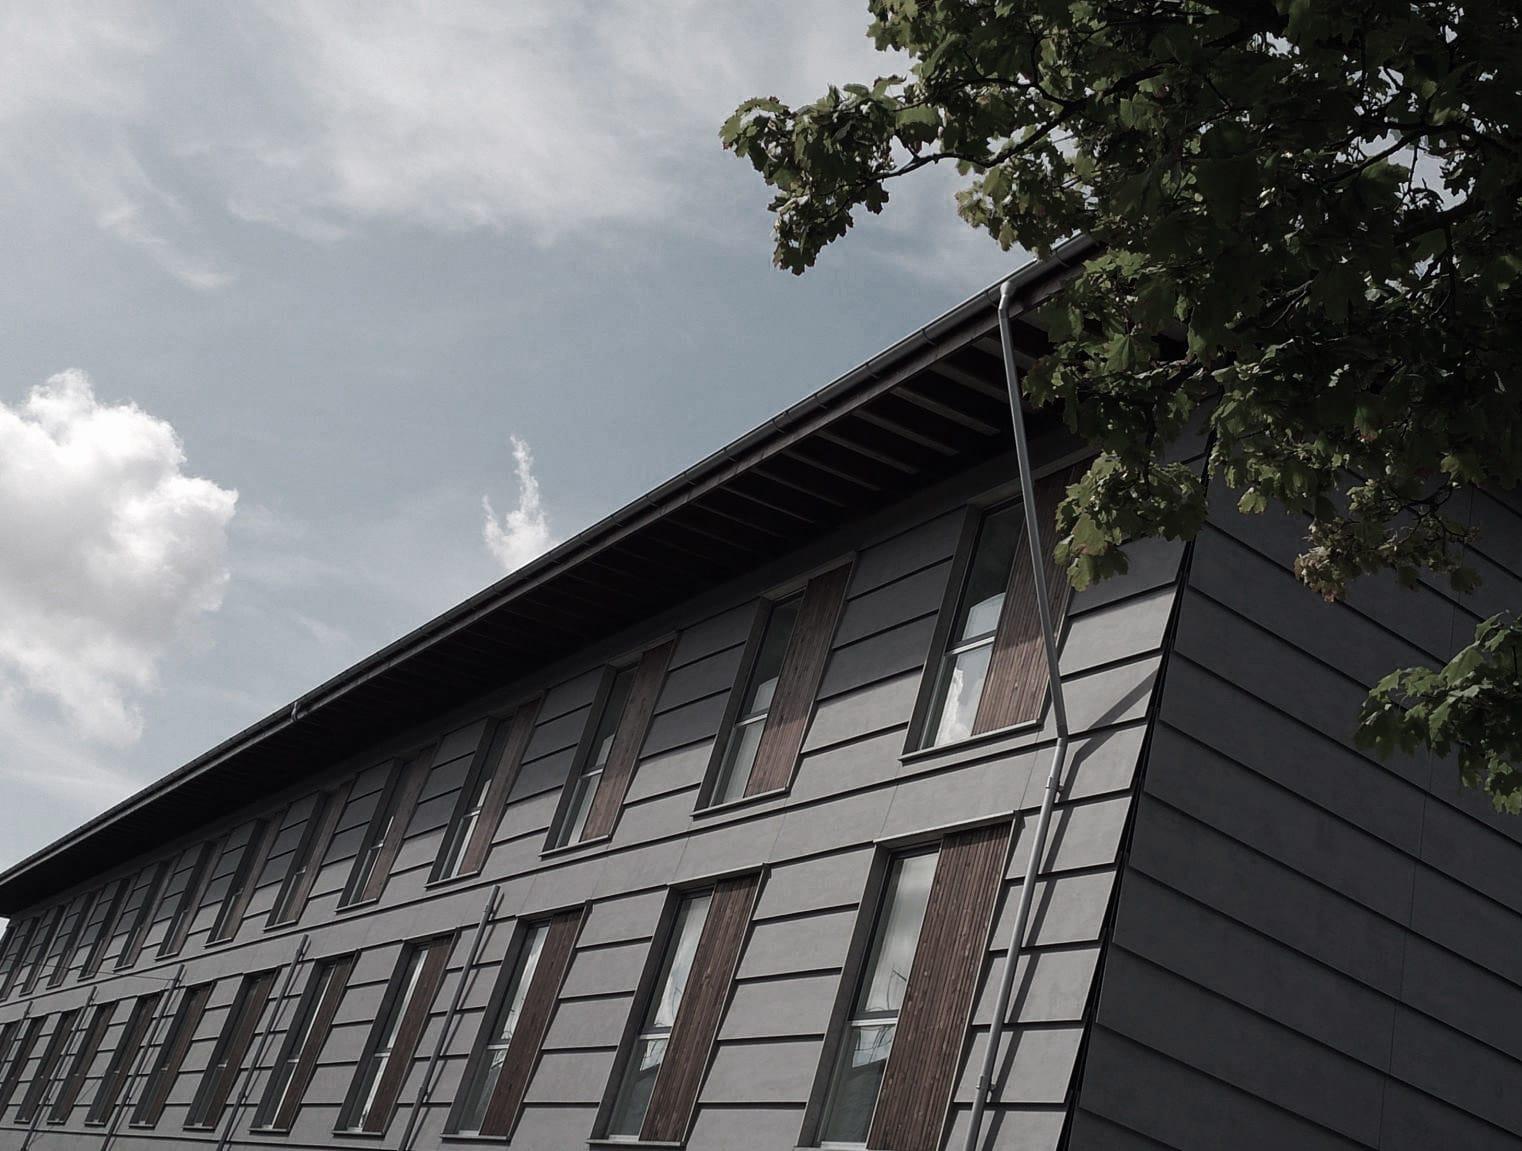 Picture of: Det Lugter Pa Badevaerelset Eller Fra Aflob Almenbolig Sundbyvang